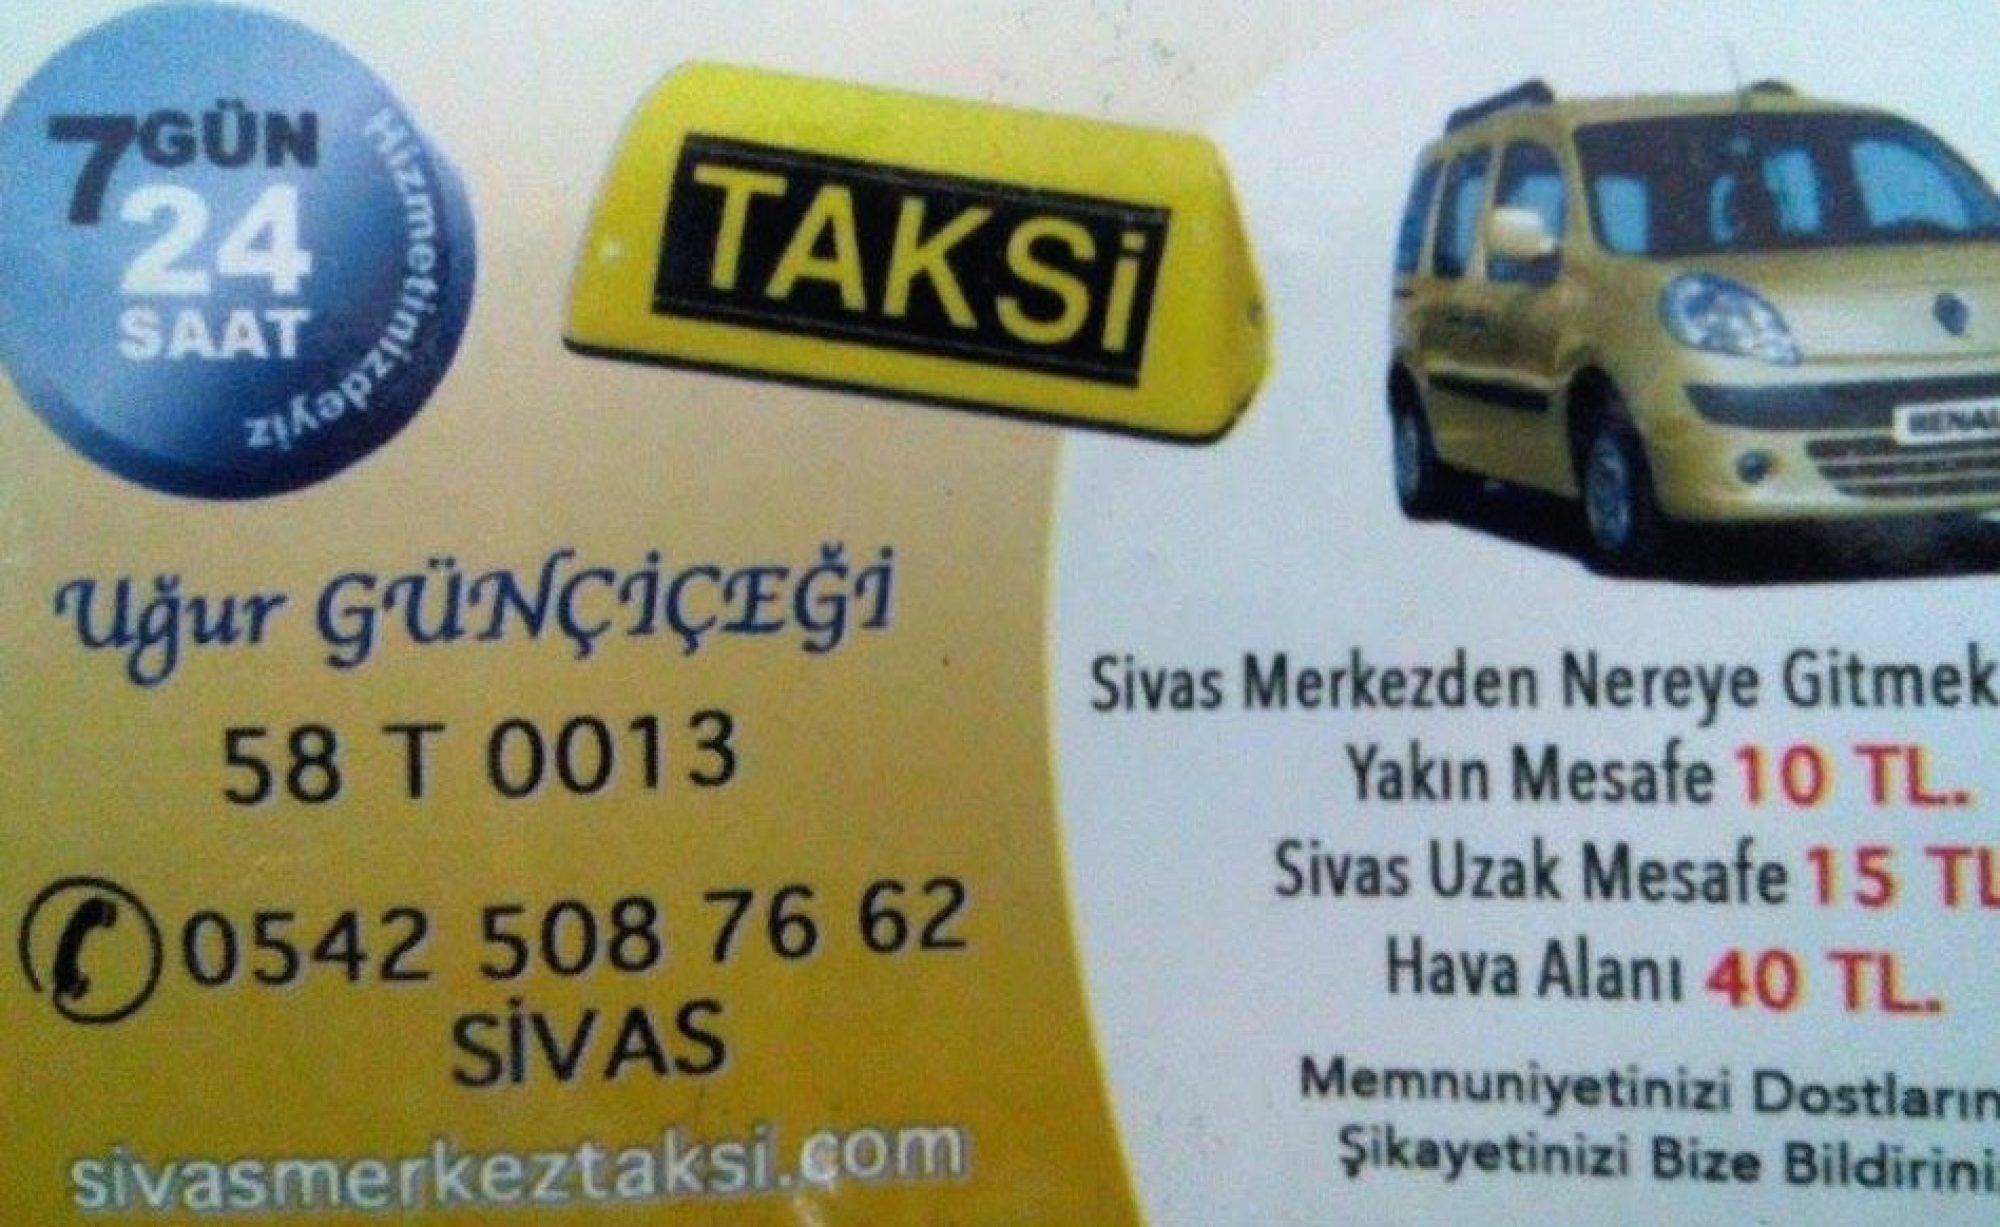 sivas taksi telefon 0542 508 76 62,sivas taksi,sivas merkez taksi